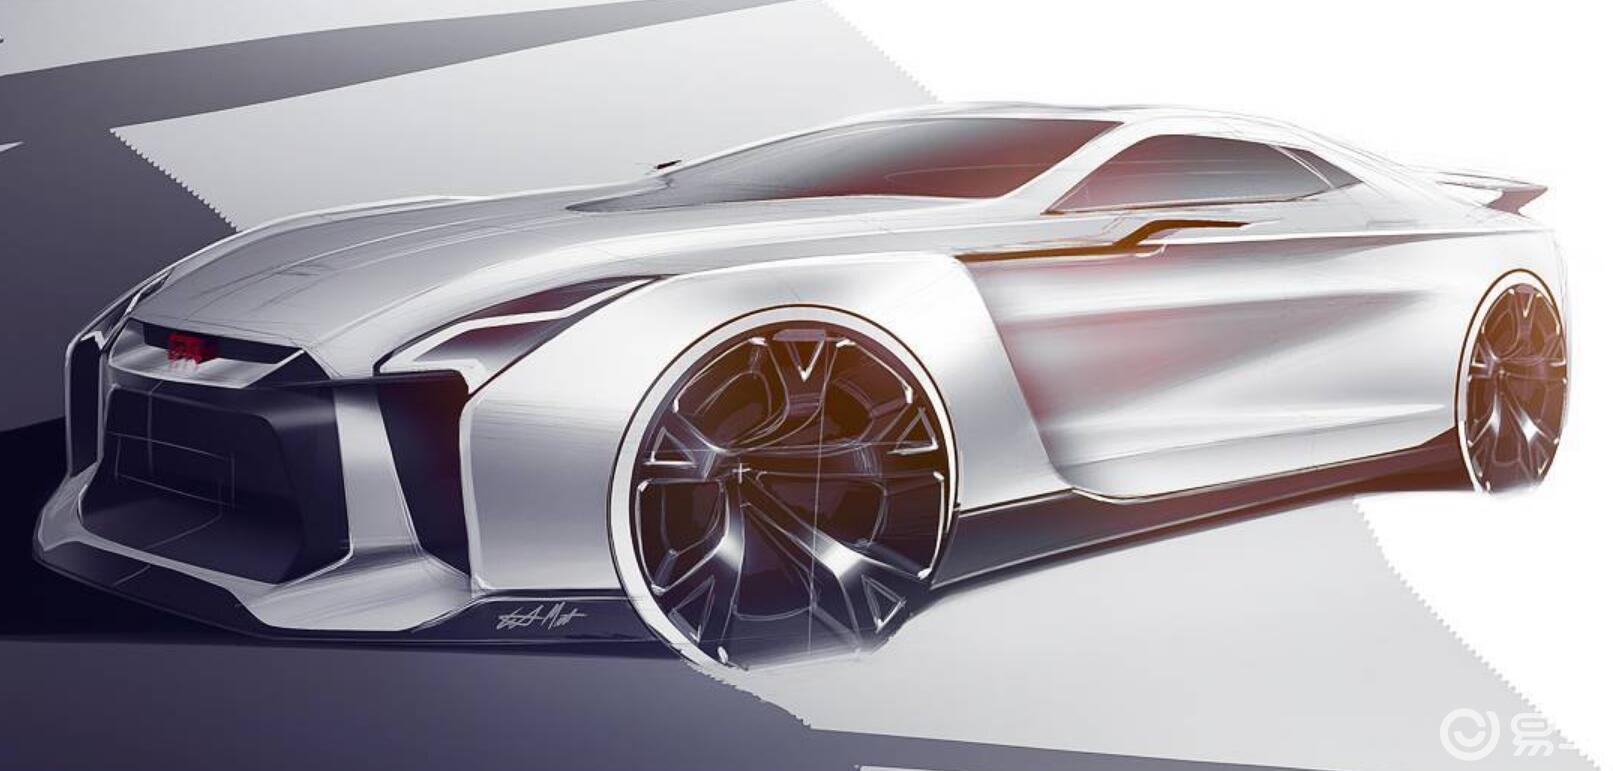 外观风格更加激进,下一代日产GT-R最新渲染图曝光